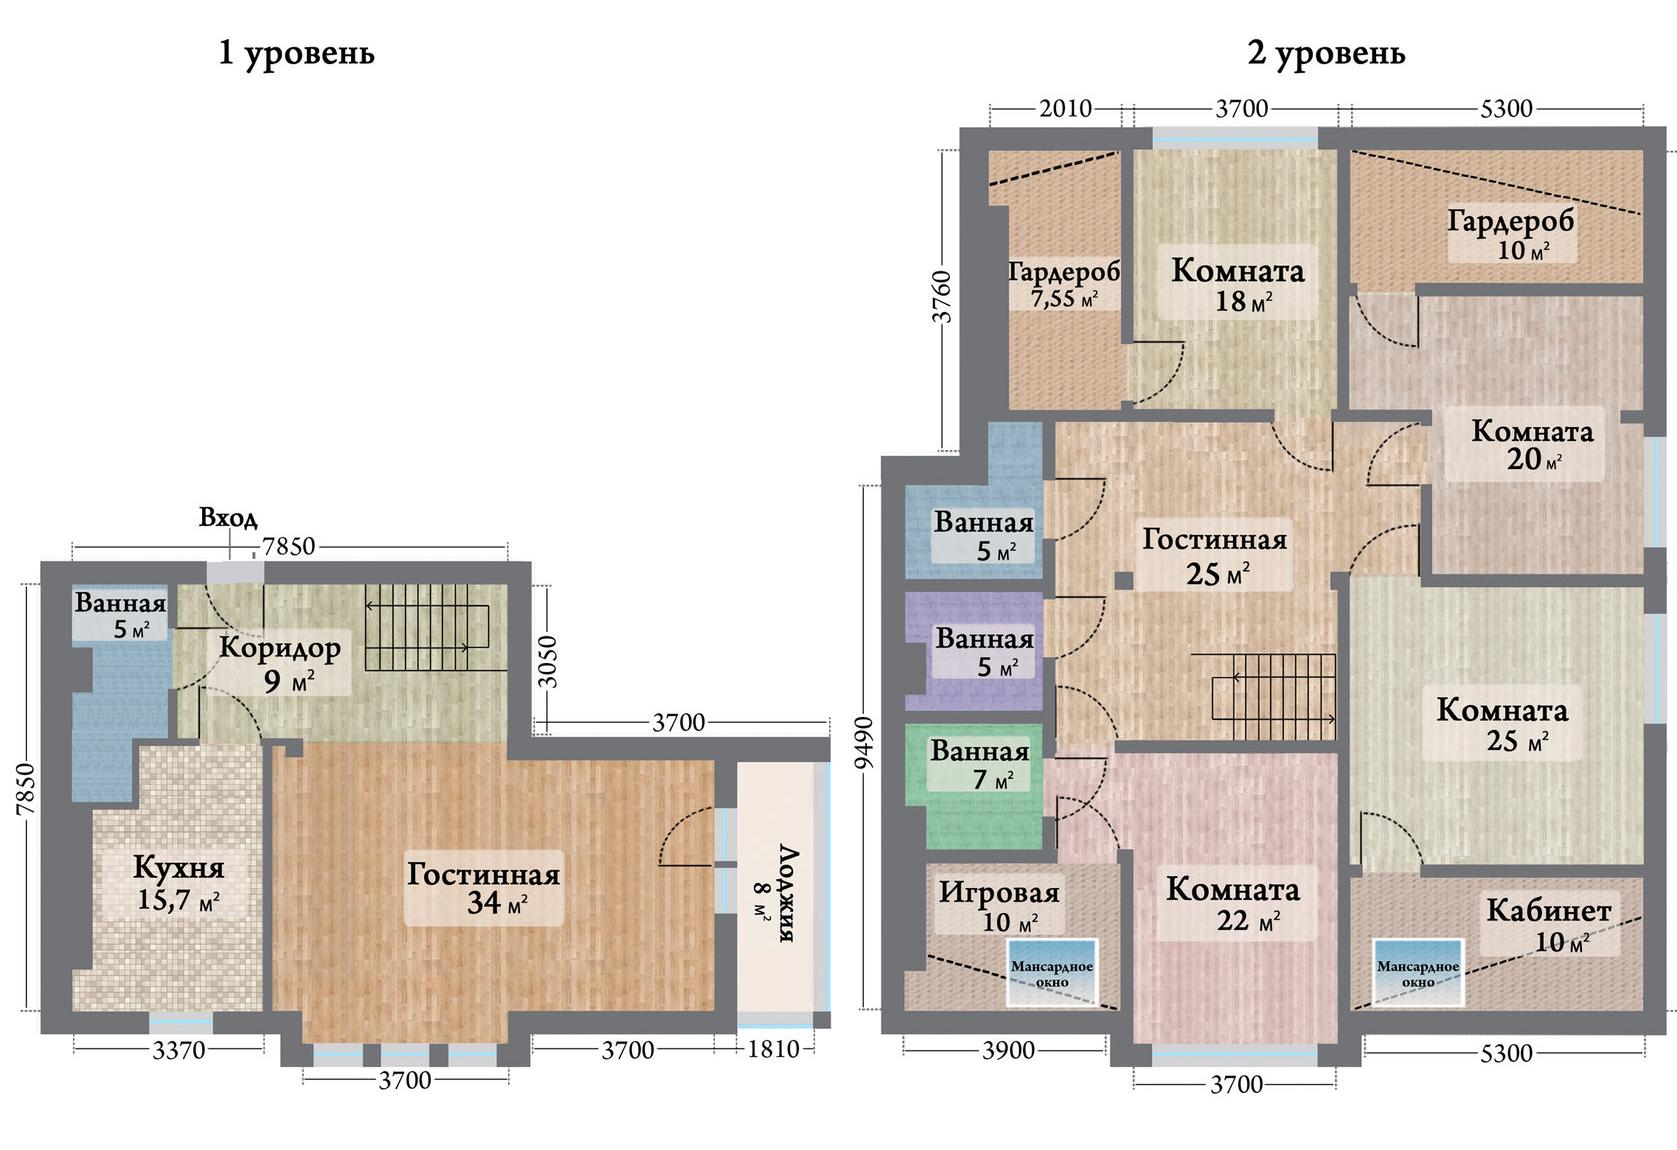 ЖК Ренессанс Запорожье отзывы жильцов, купить квартиру запорожье, купить дом Запорожье, великий луг